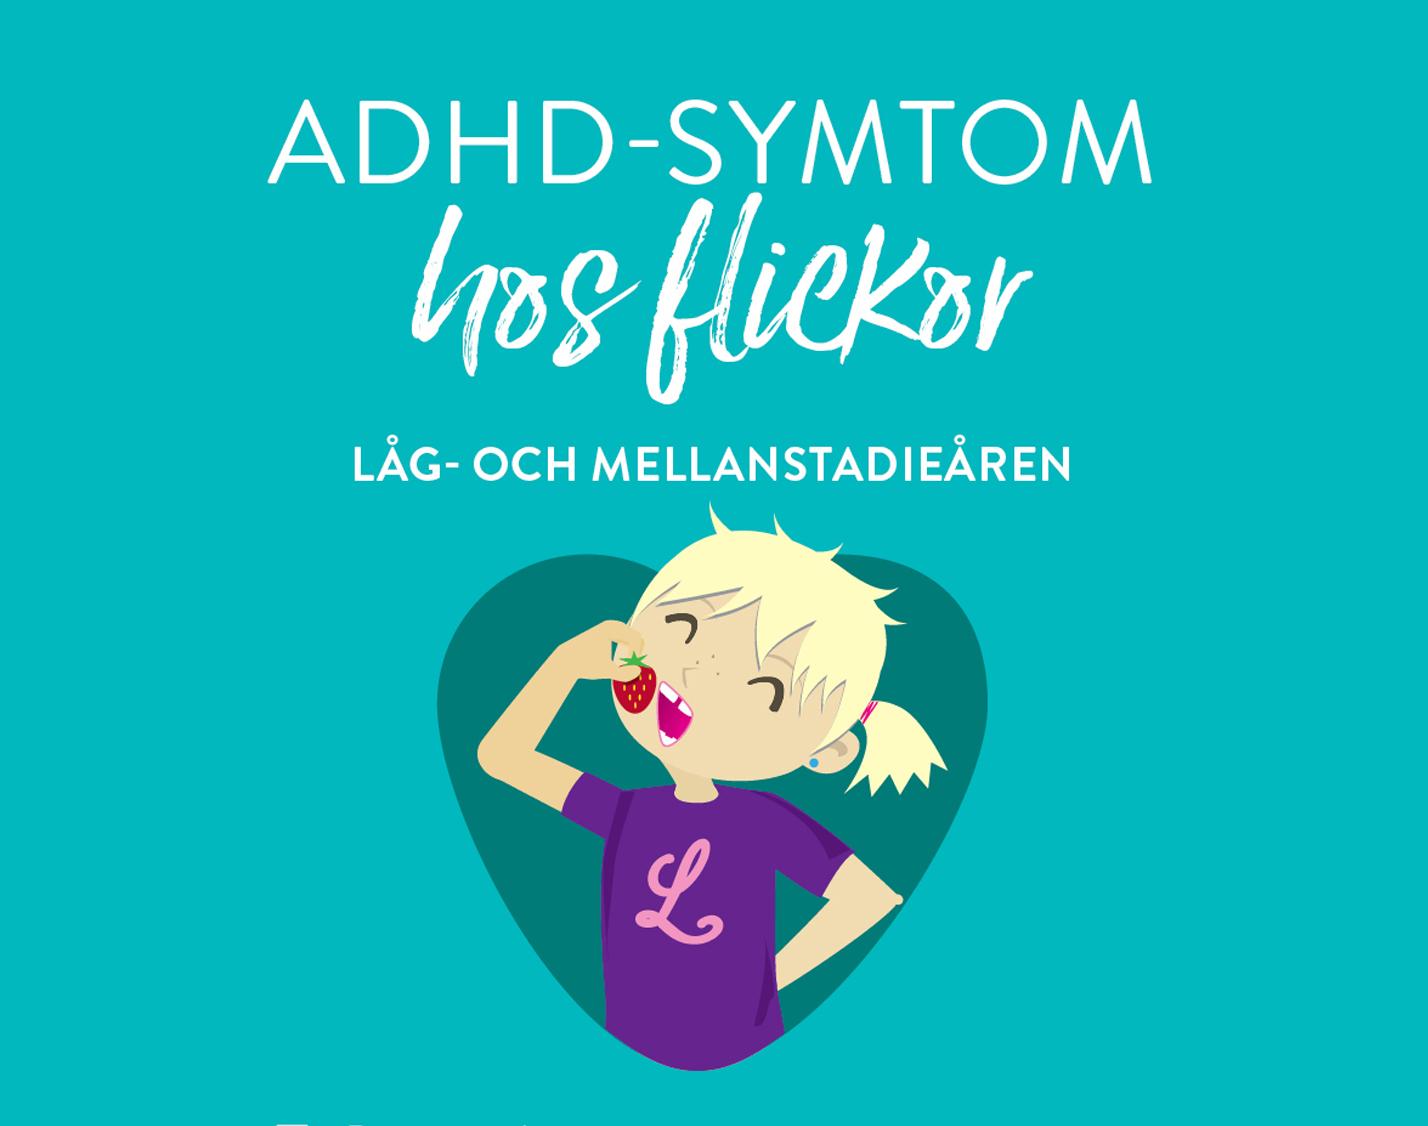 ADHD-symtom för flickor i låg- och mellanstadiet